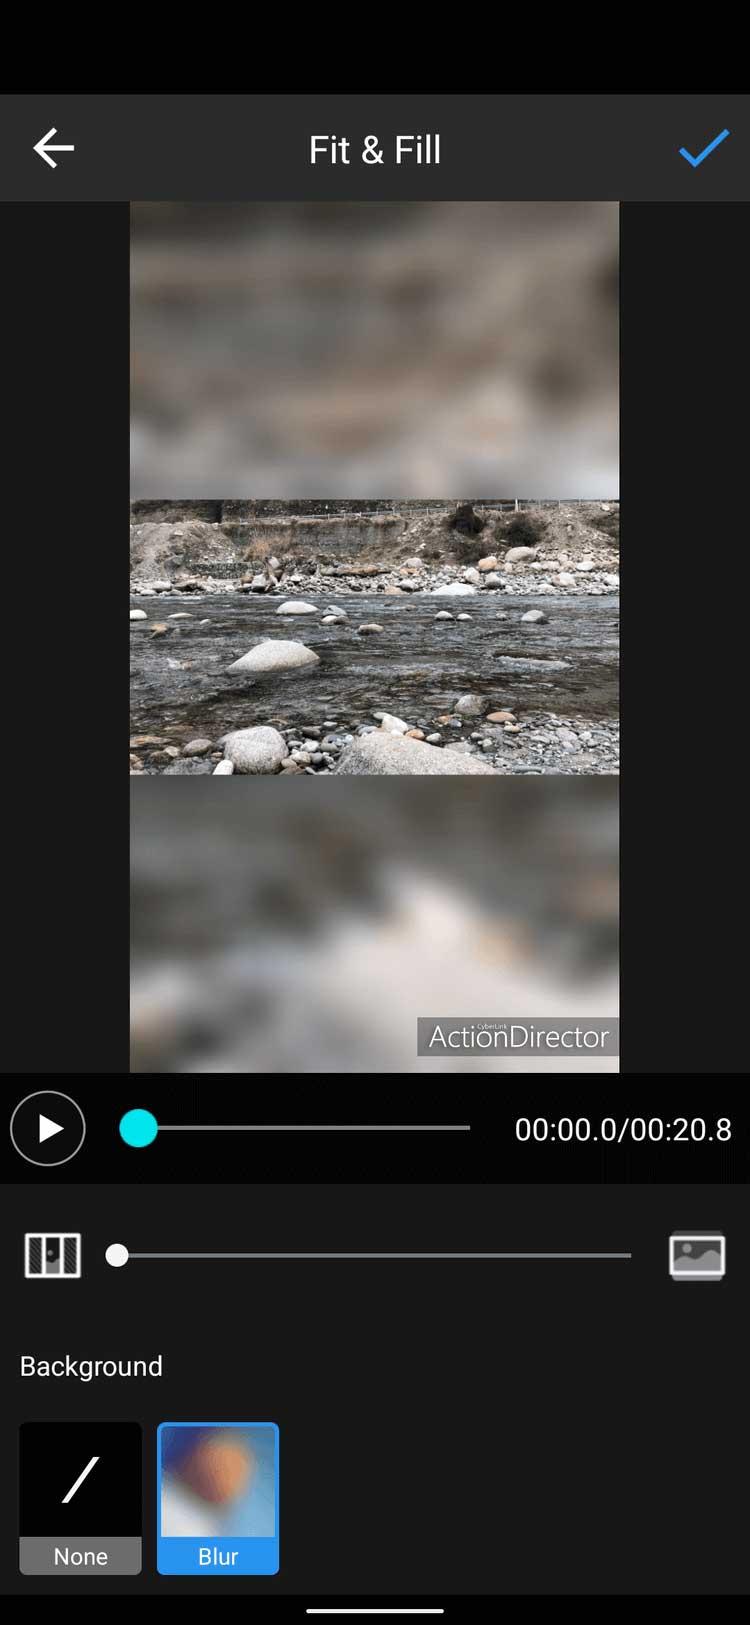 Action Director thêm hiệu ứng làm mờ video